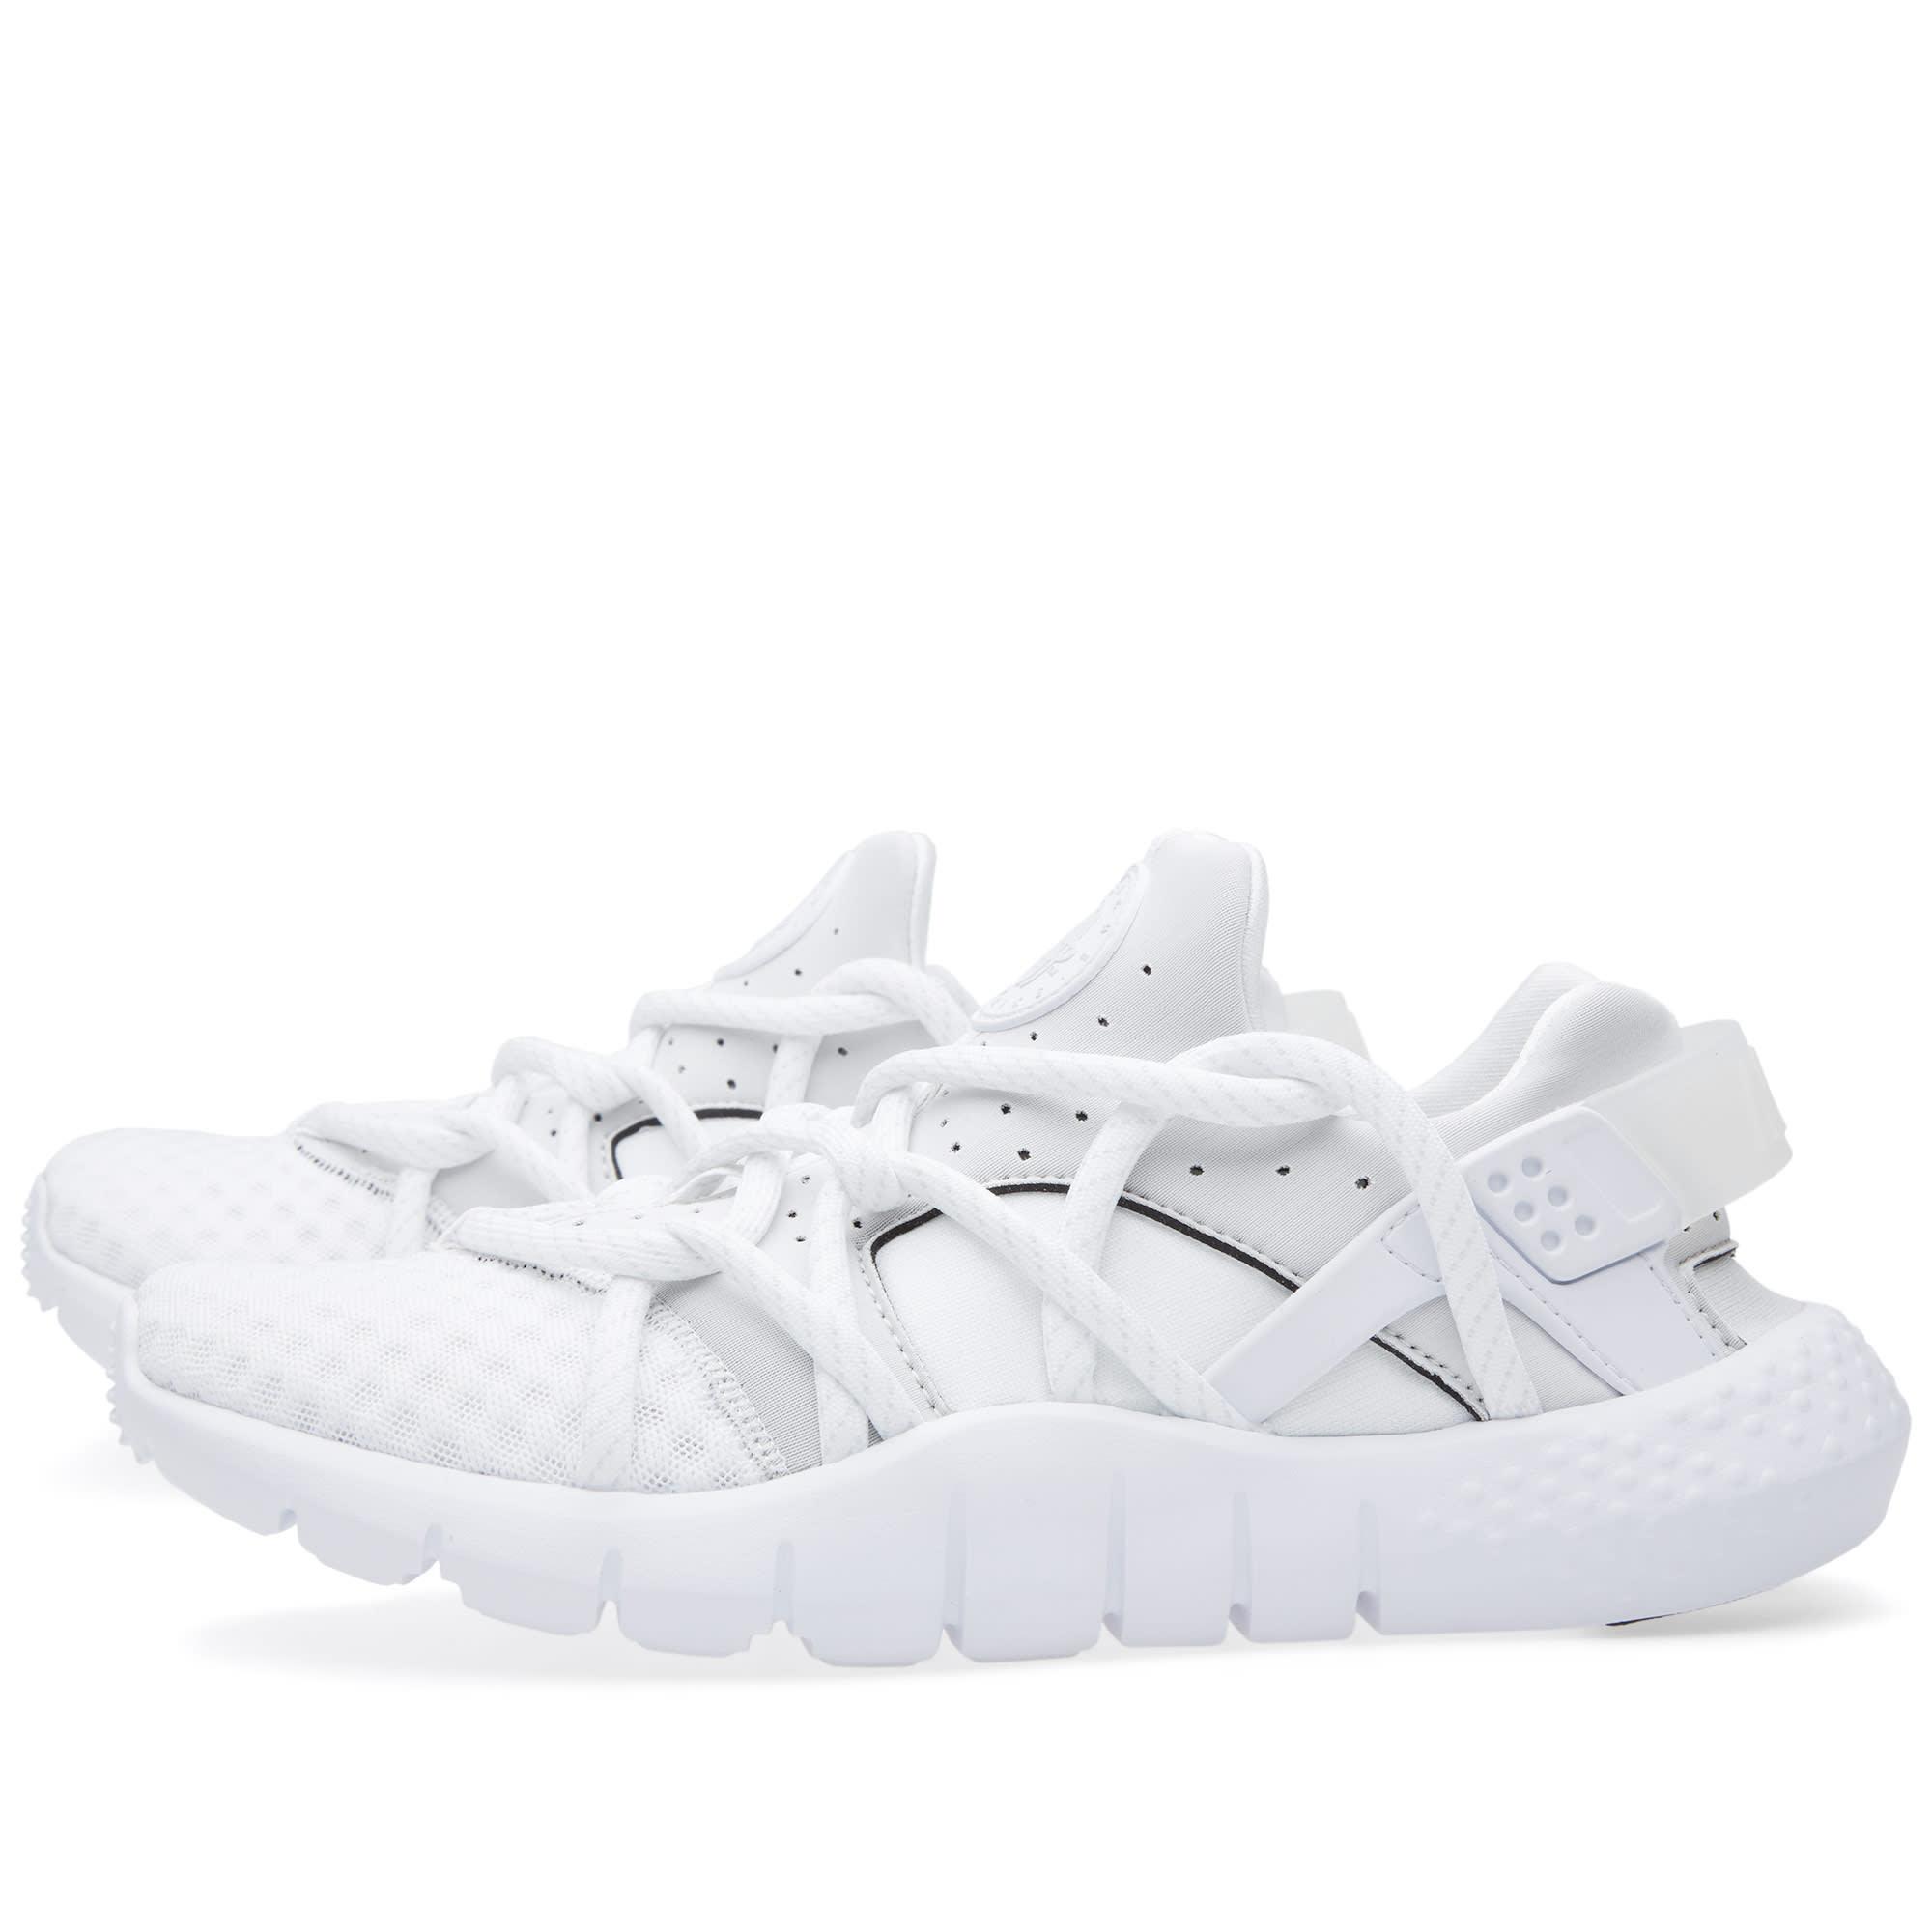 c3a89da688554 Nike Air Huarache NM  Triple White  White   Sail